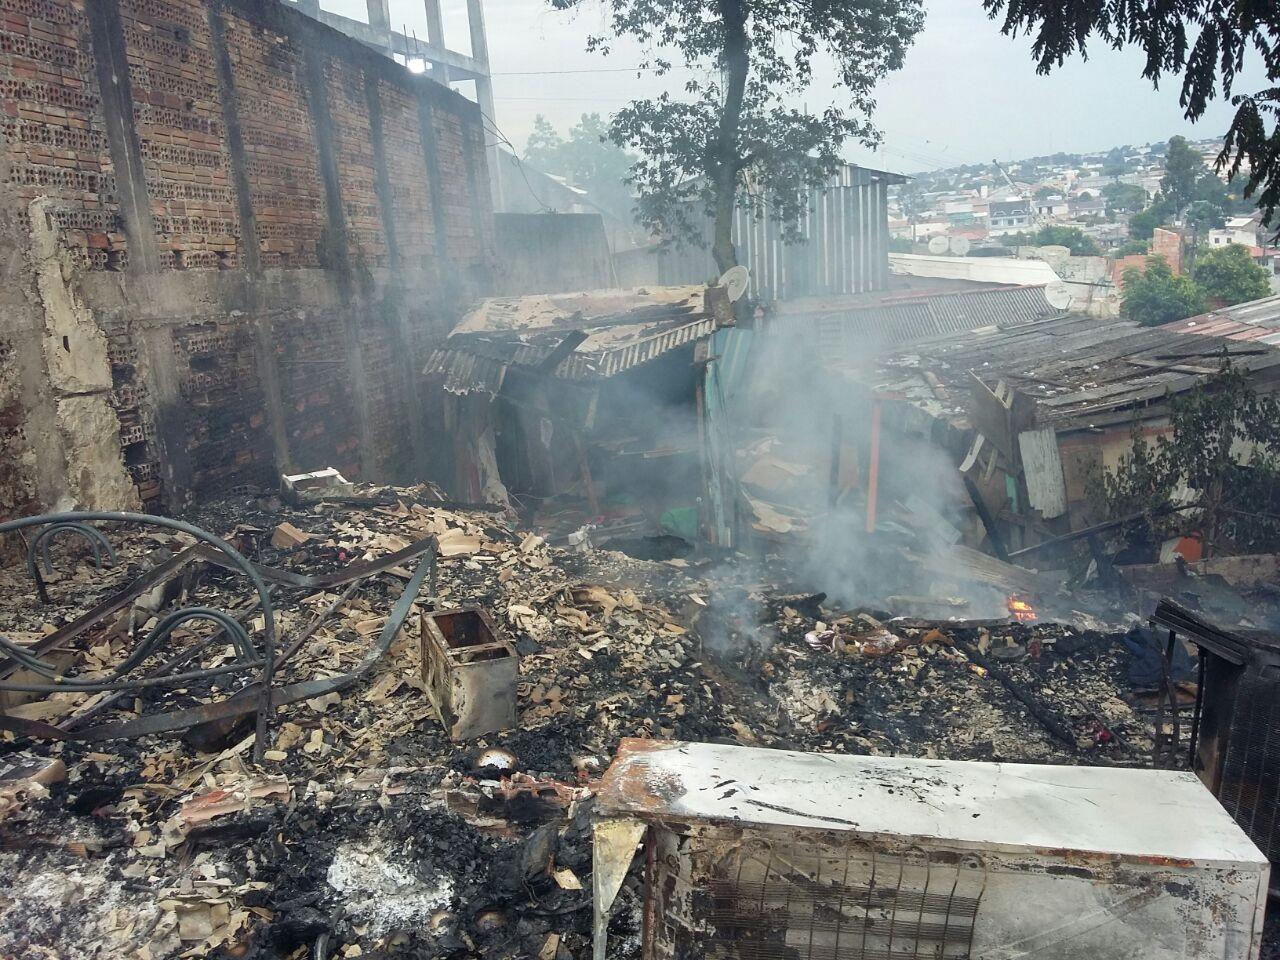 Polícia Civil investiga incêndio que destruiu dezenas de casas em Curitiba